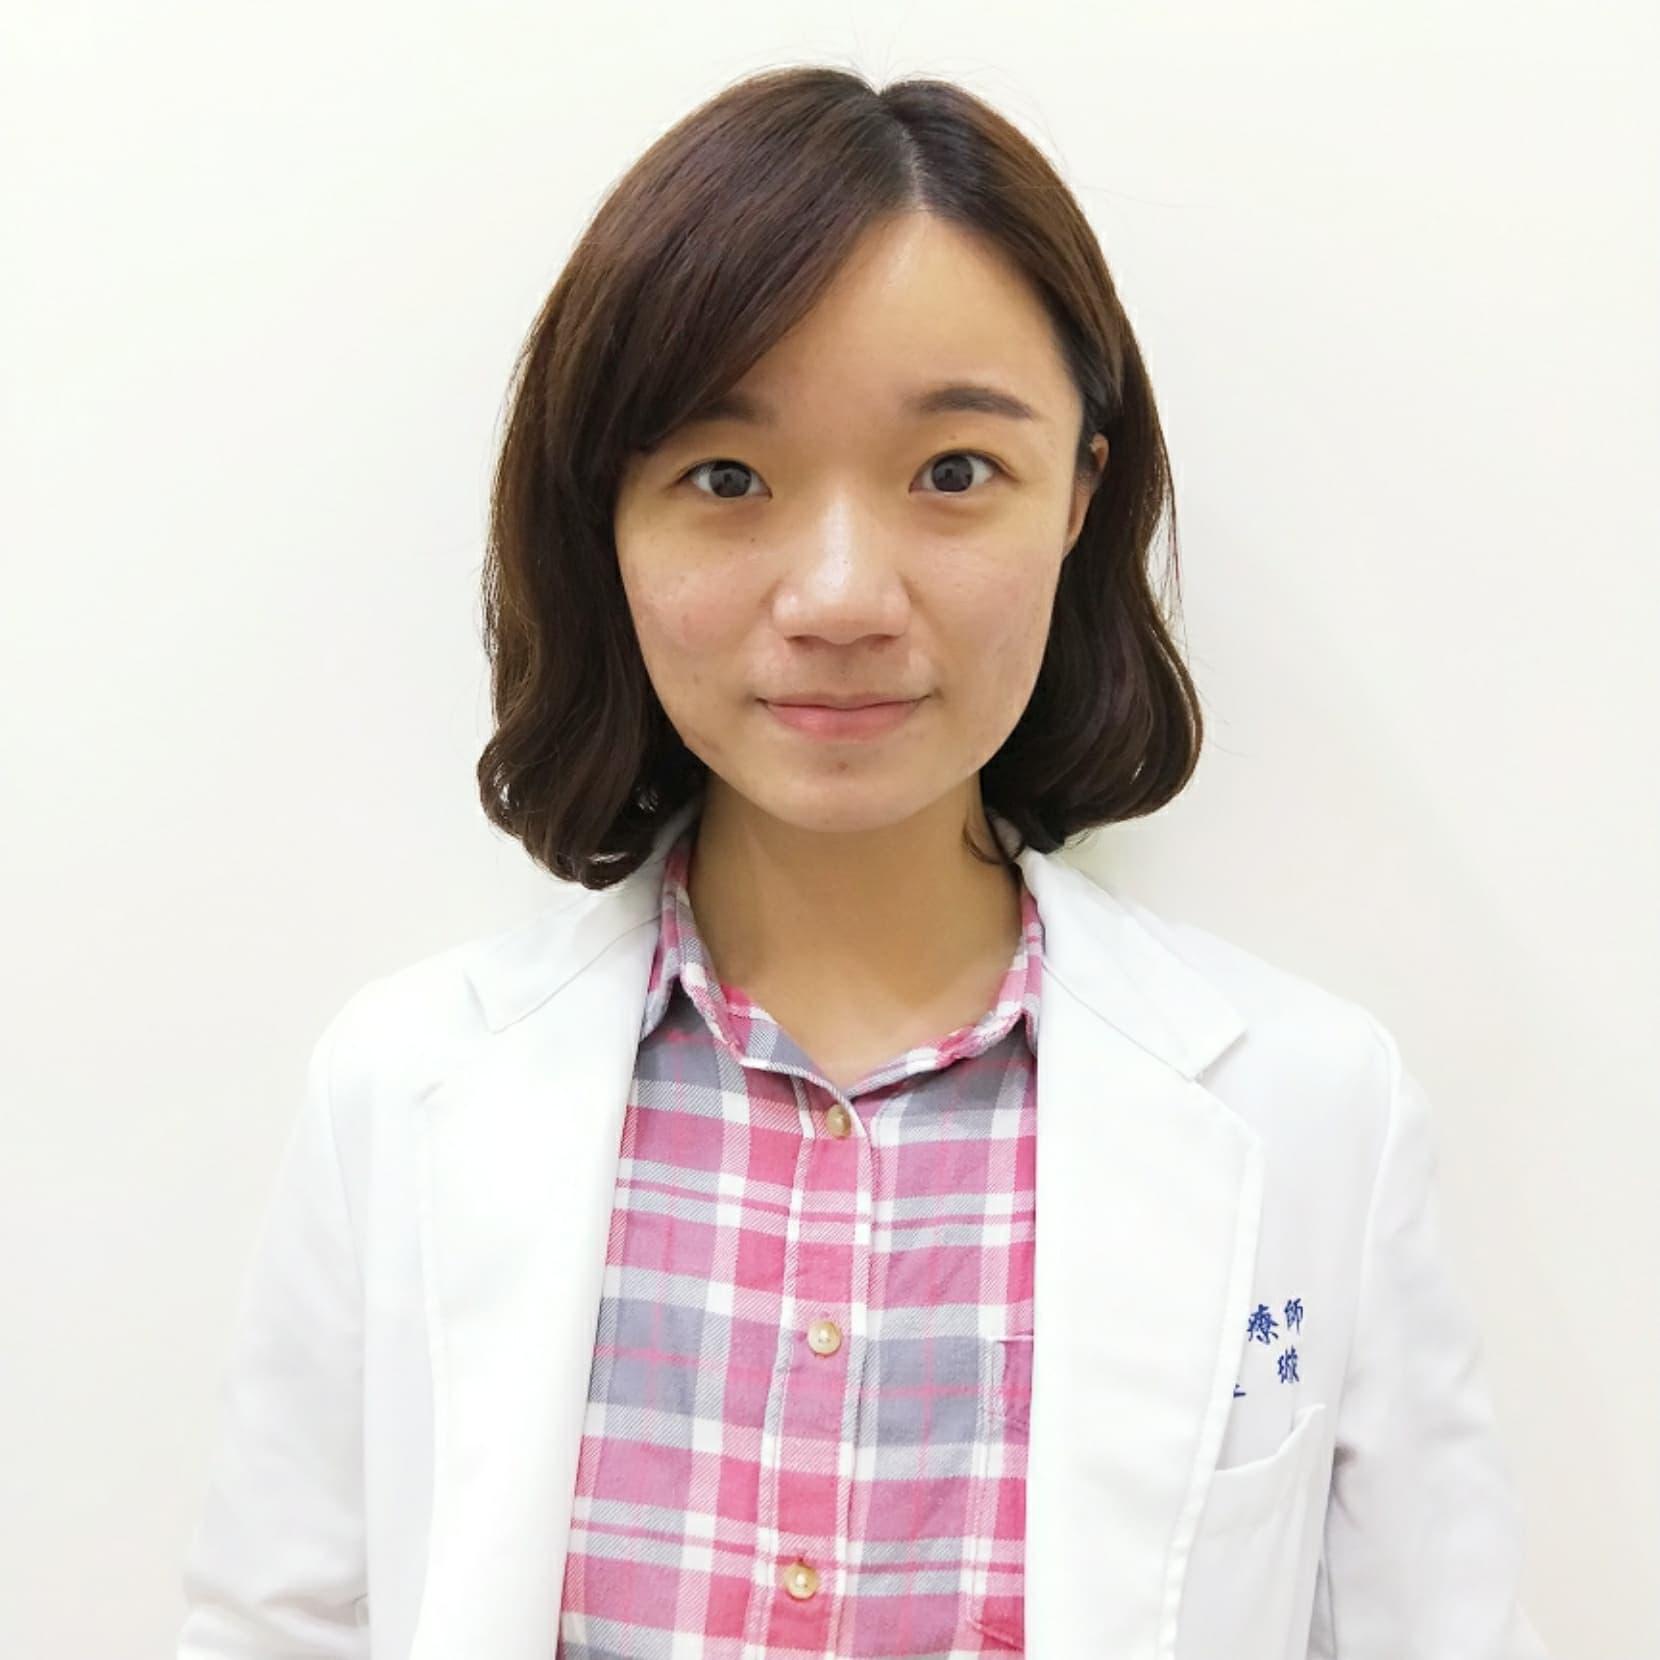 林佳璇/物理治療師